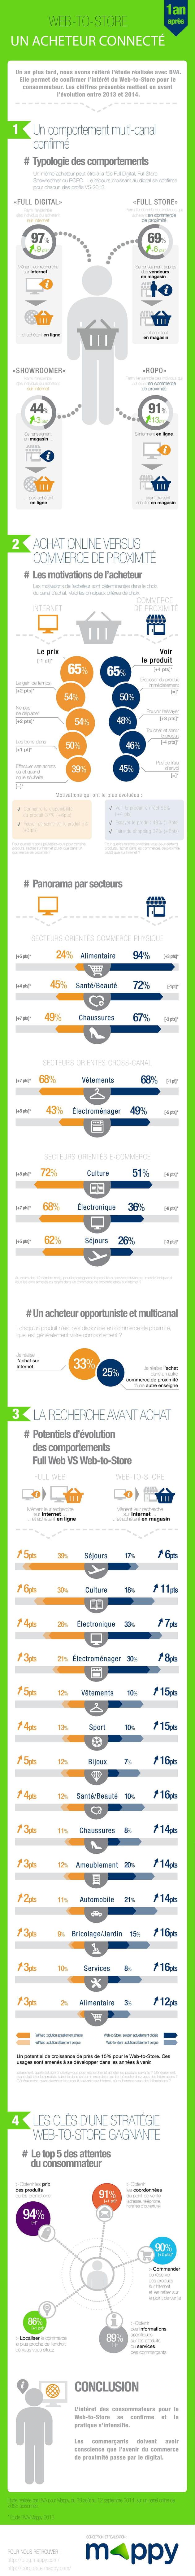 baromãštre mappy bva infographie consommateurs page 001